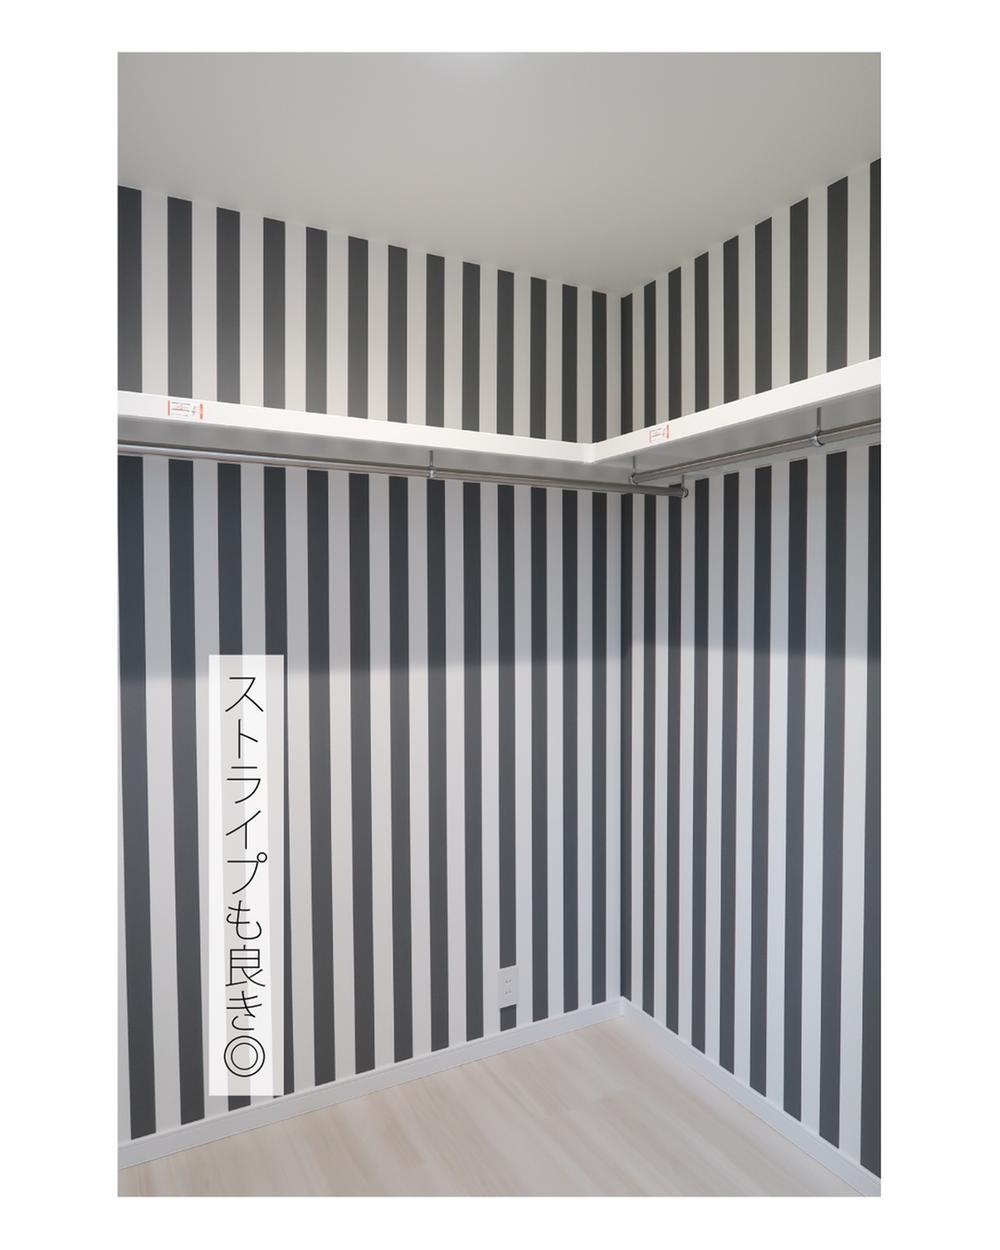 【弊社施工例】視覚効果抜群のストライプの壁紙のウォークインクローゼット。